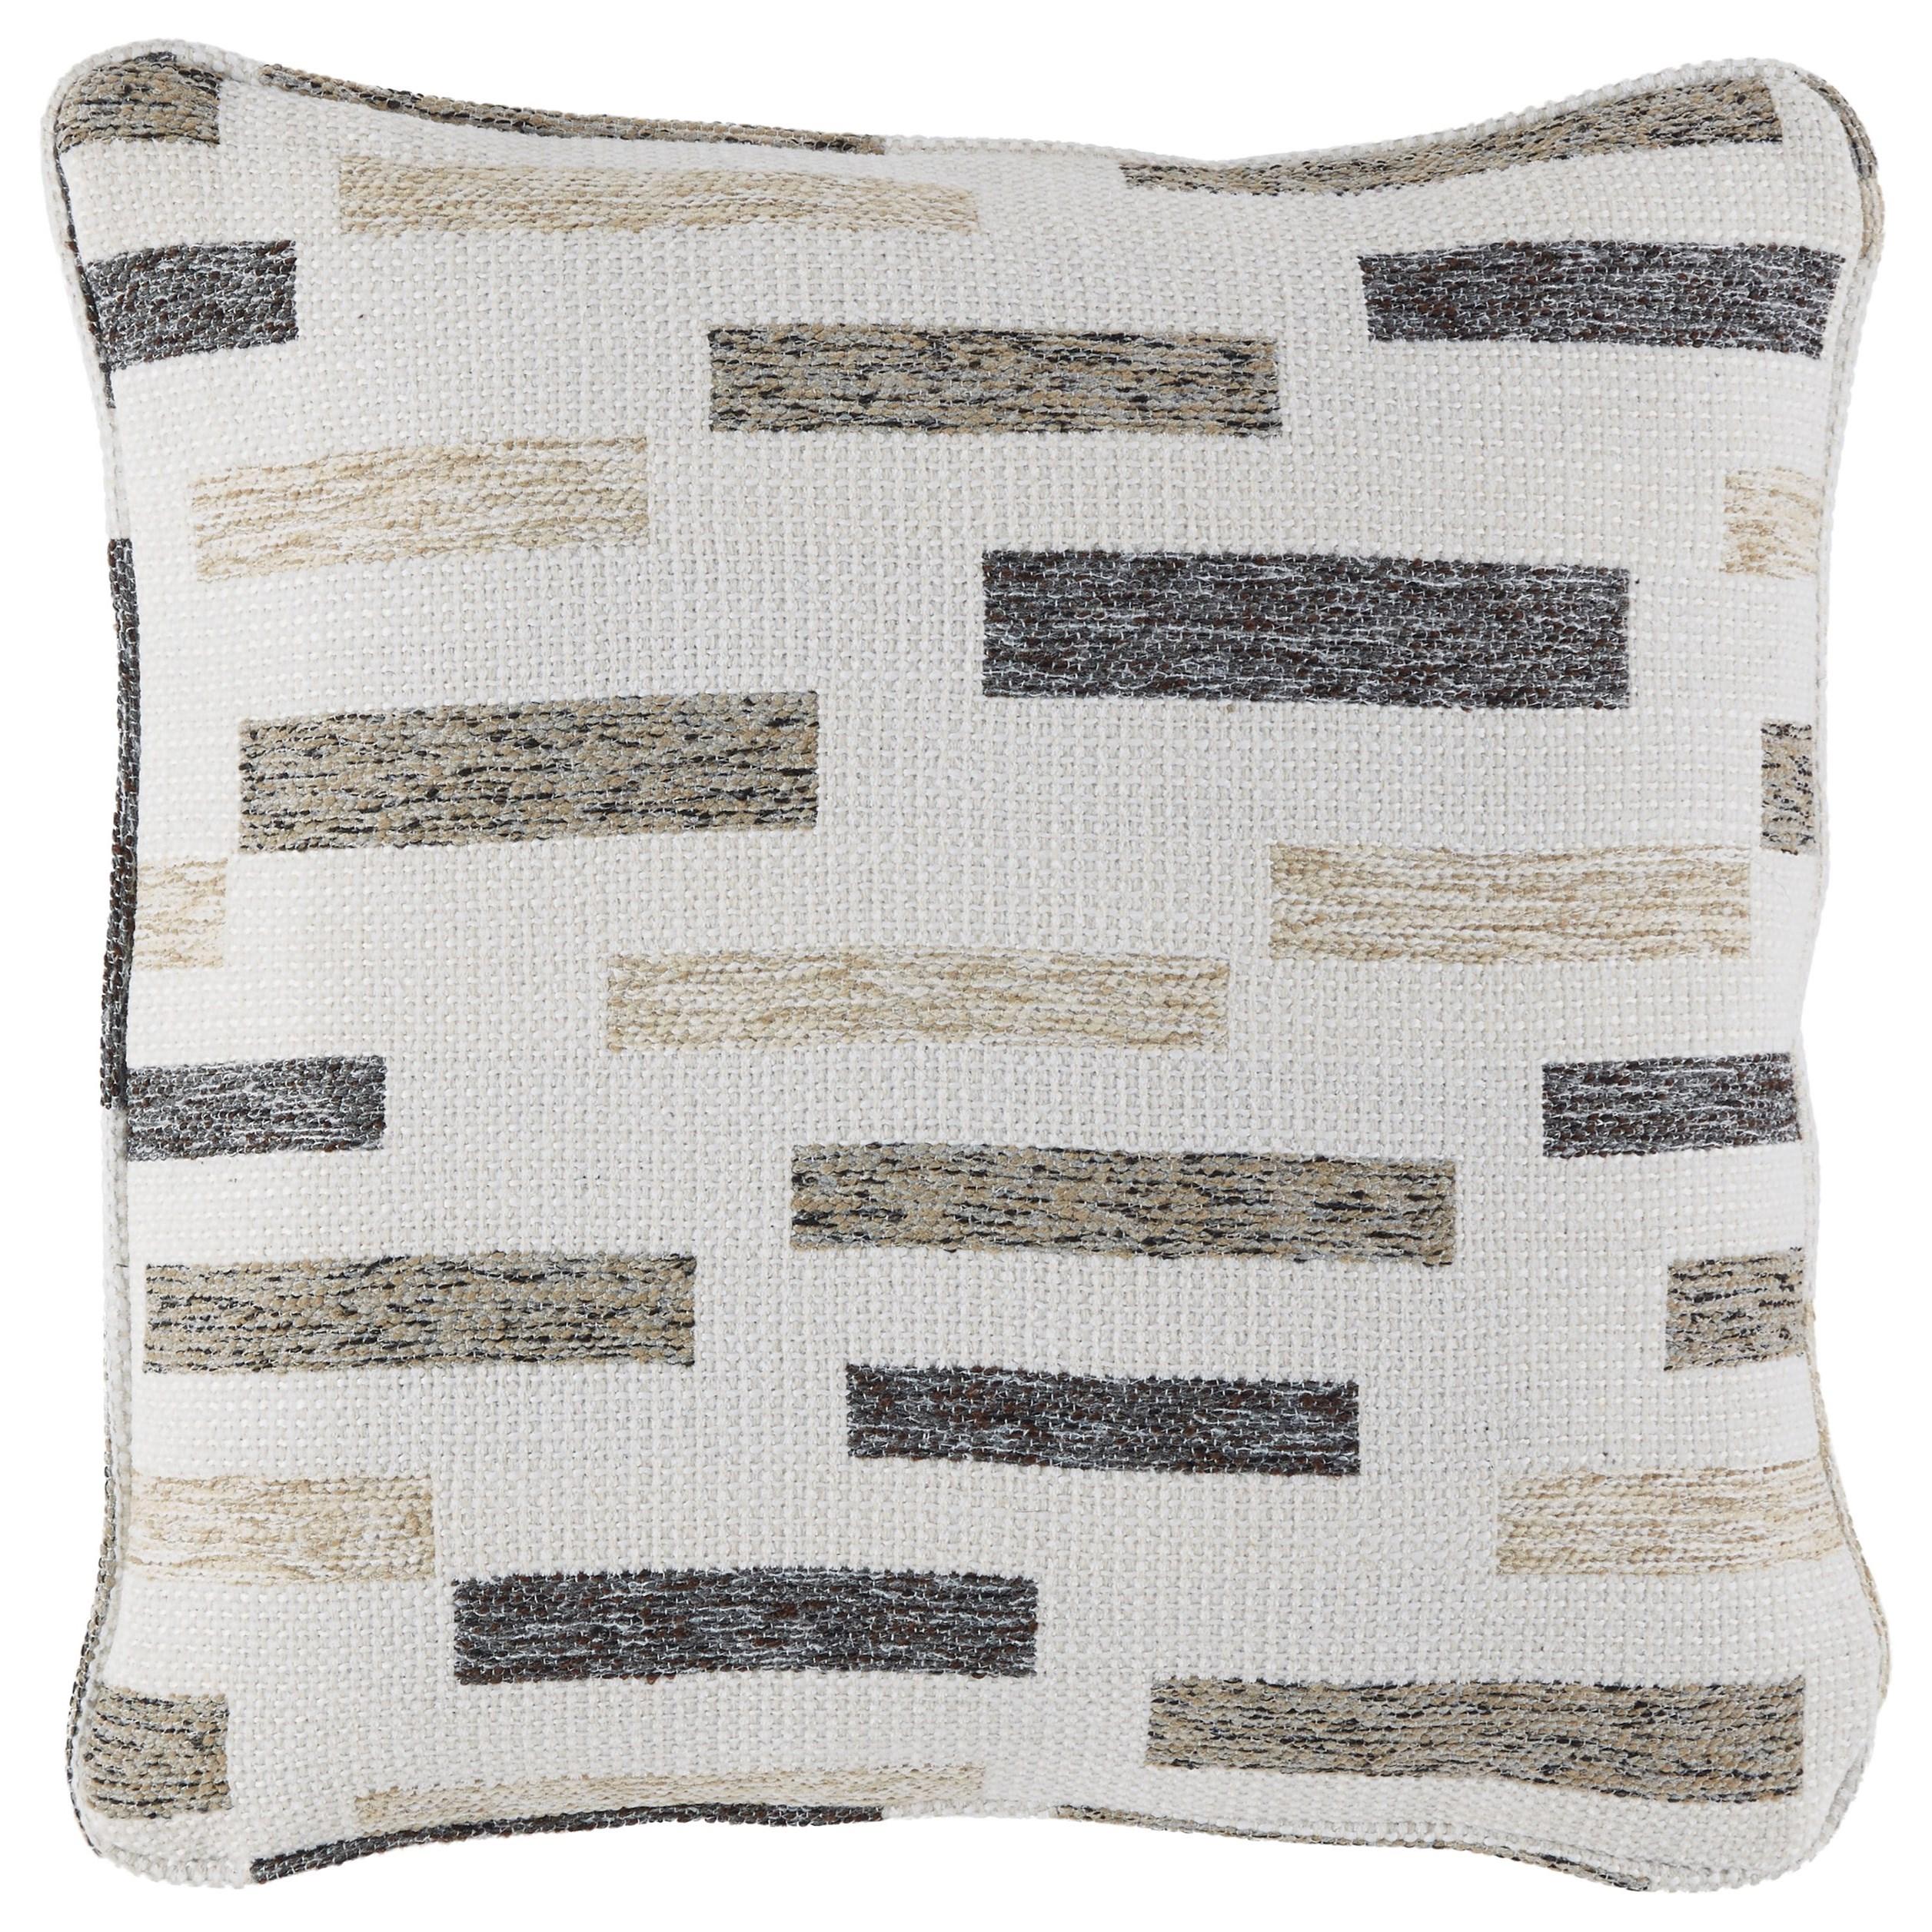 Crockett Black/Brown/Cream Pillow